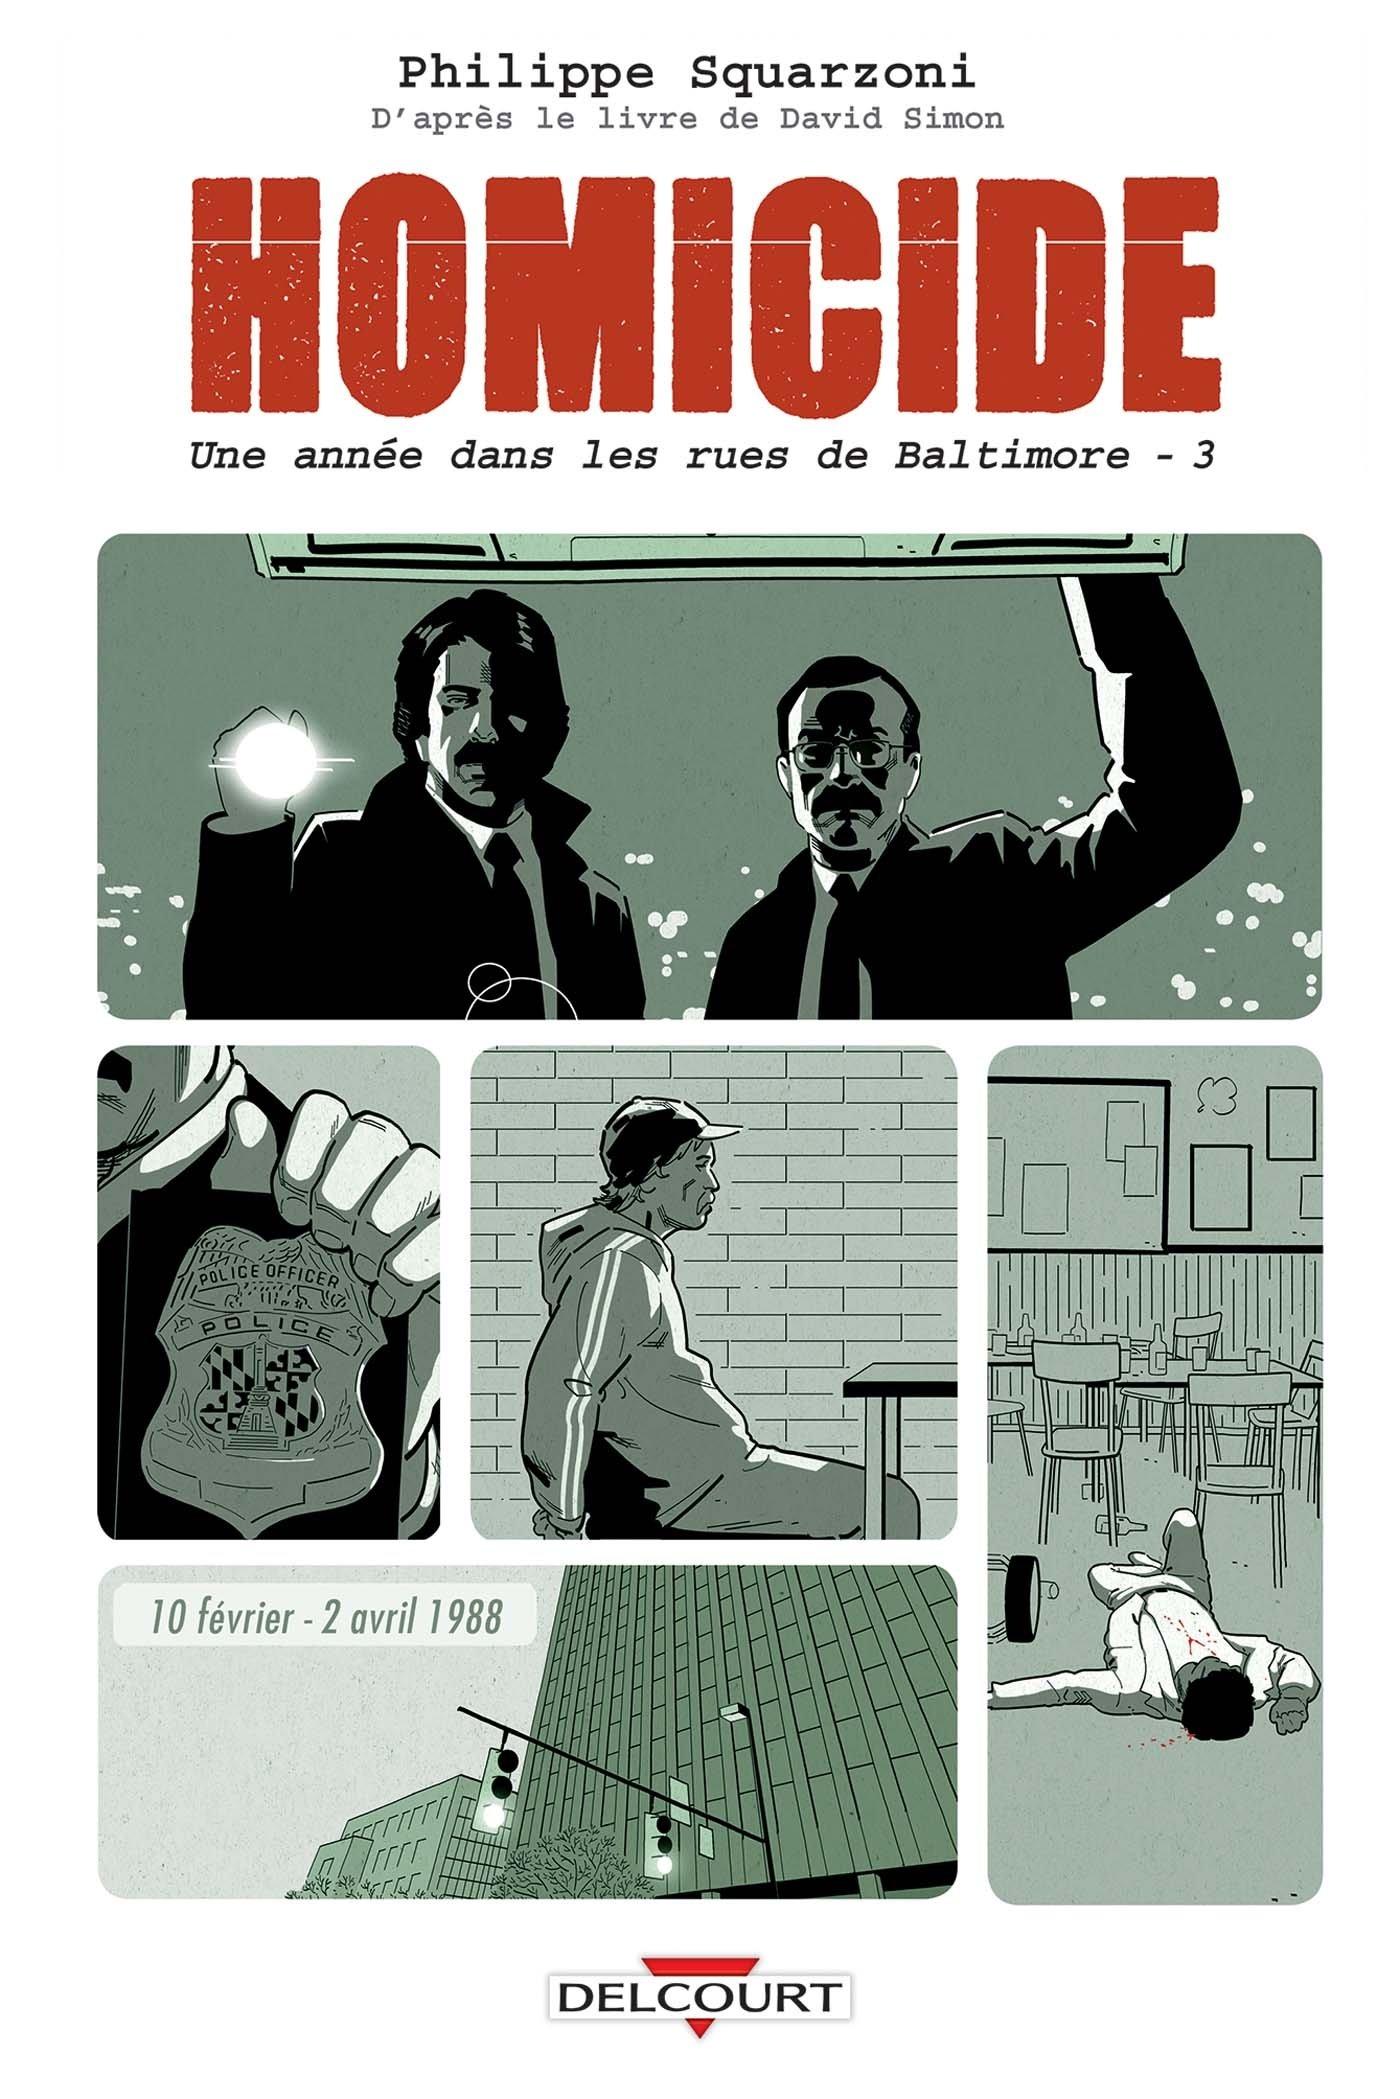 Homicide, une année dans les rues de Baltimore 03 Album – 28 février 2018 Philippe Squarzoni Drac Madd Delcourt